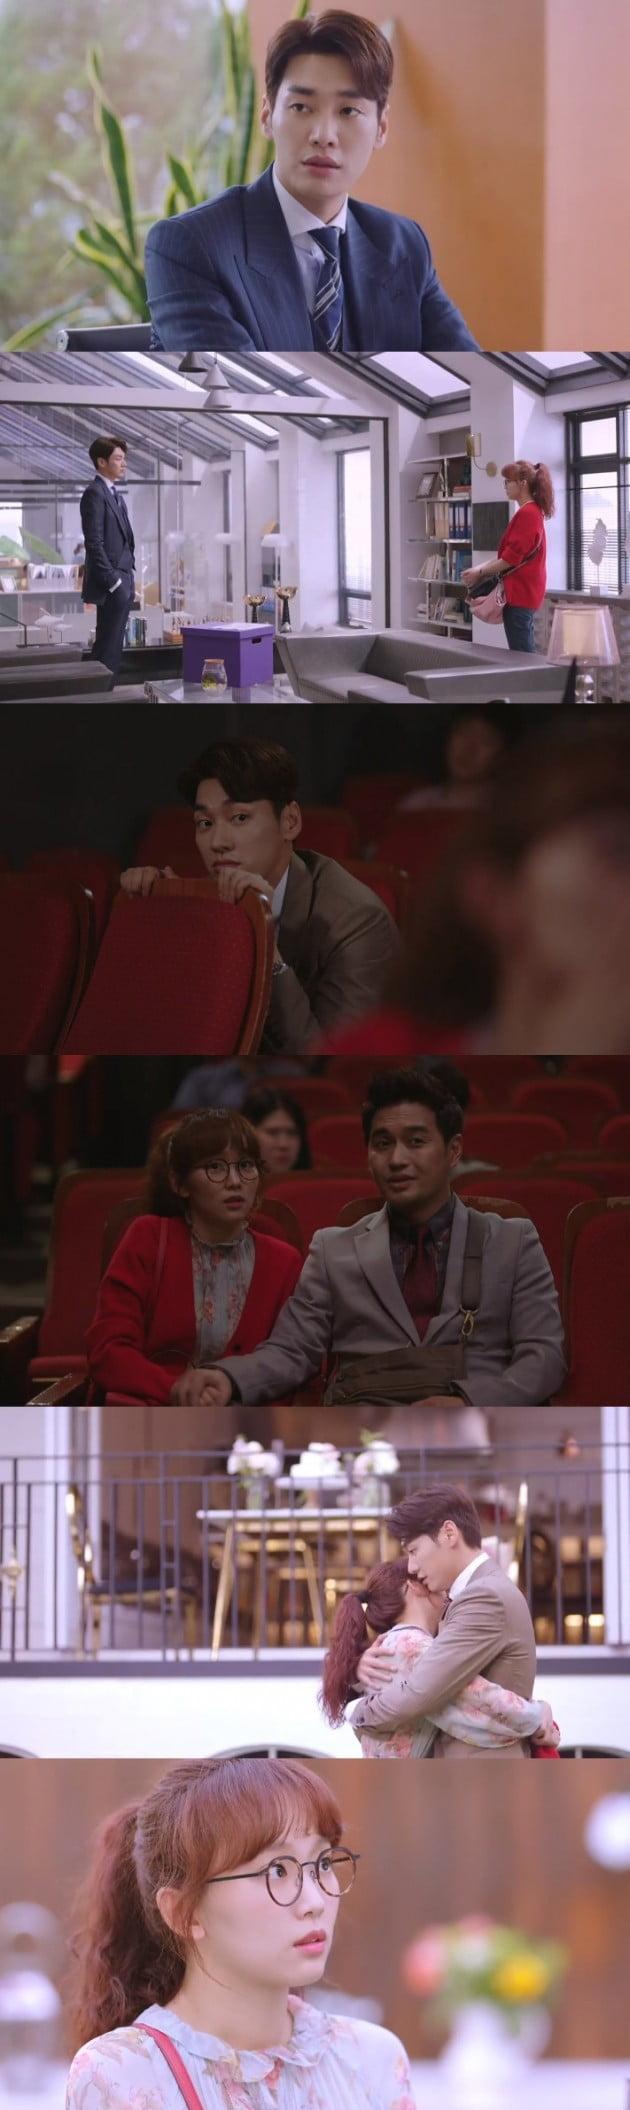 '초면에 사랑합니다' 김영광, 진기주 용서했다. 사진=SBS '초면에 사랑합니다' 방송화면 캡처